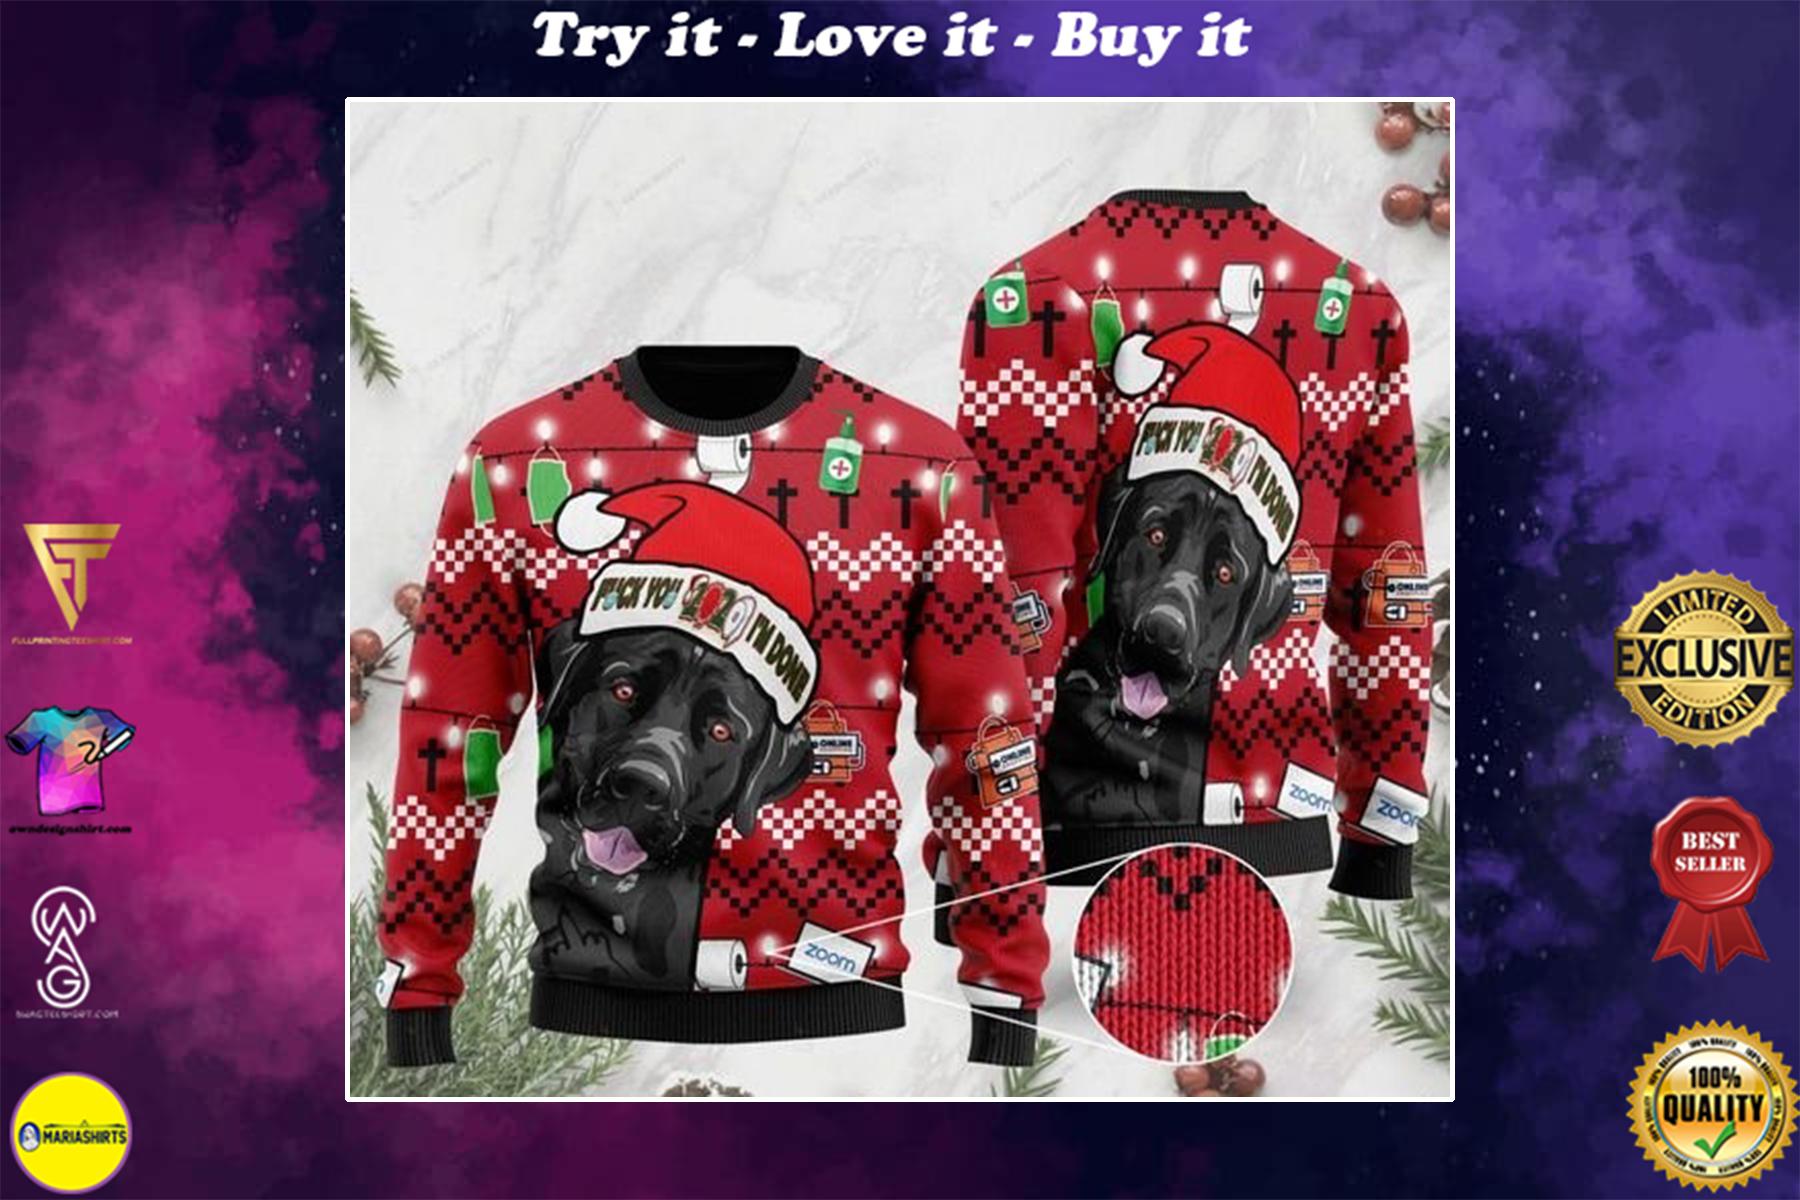 black labrador retriever and fuck 2020 im done christmas ugly sweater